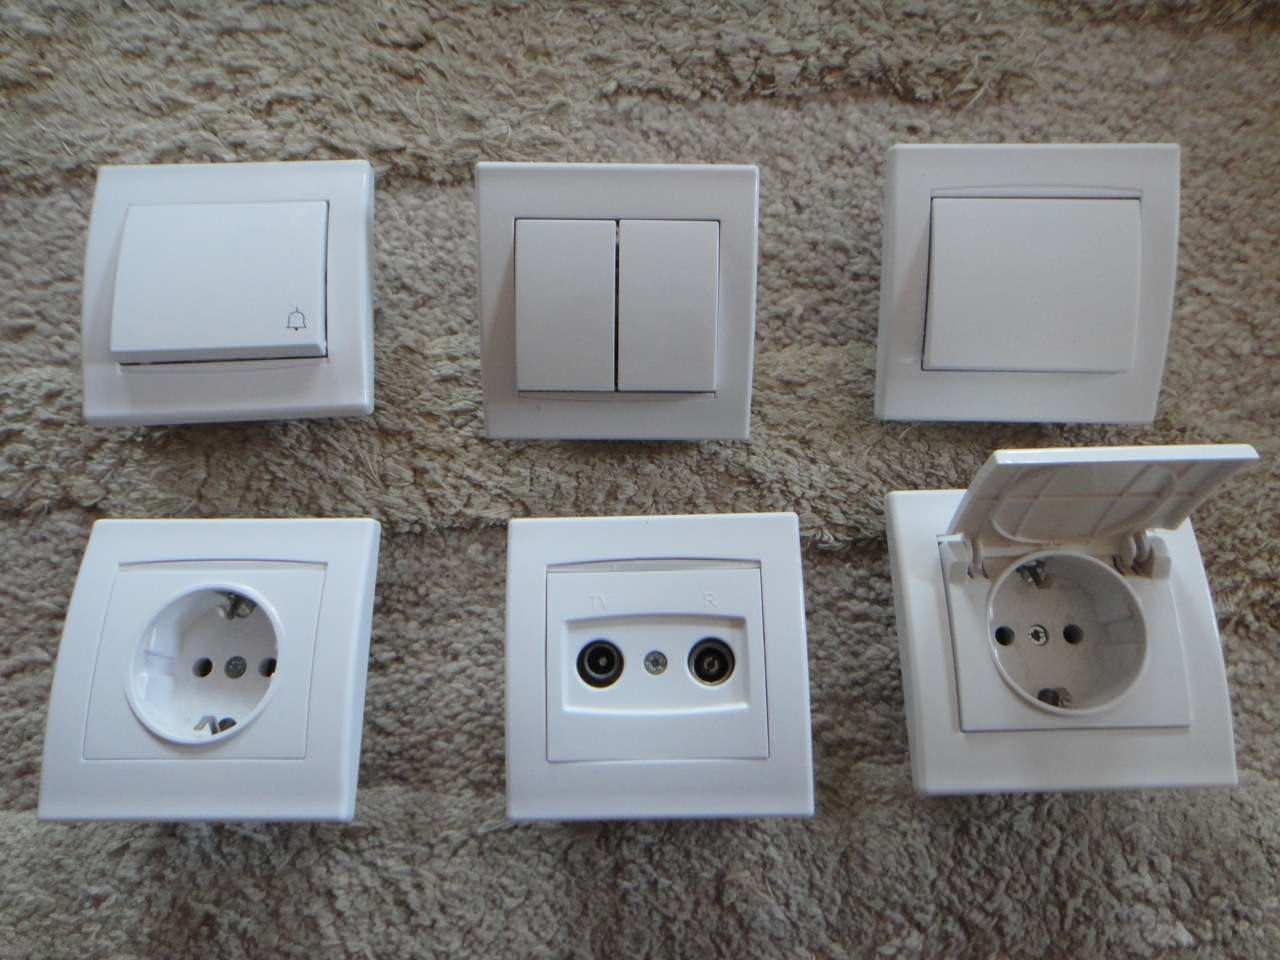 Električni prekidači u domaćinstvu